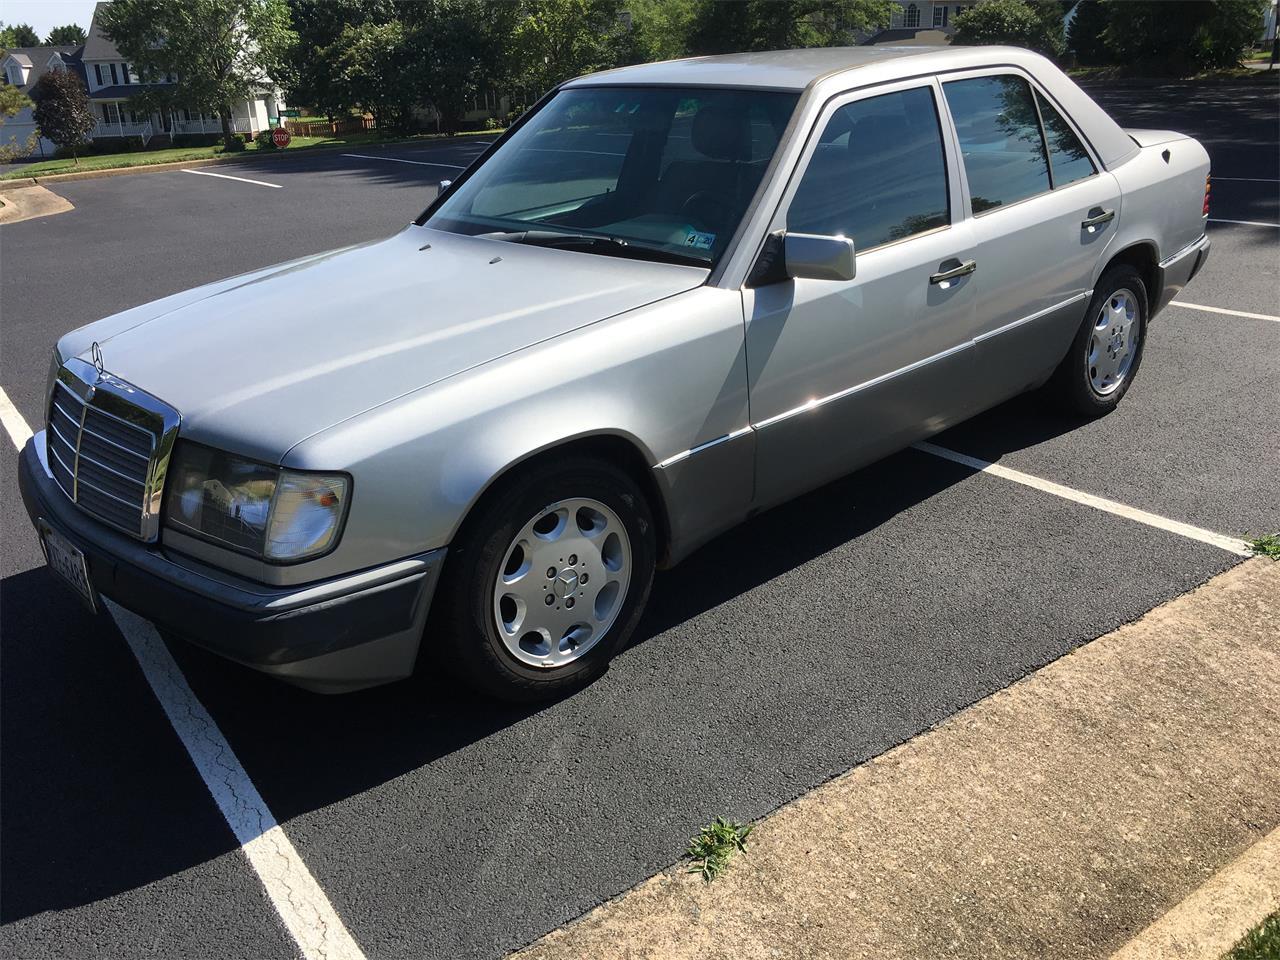 1991 mercedes benz 300d for sale in midlothian va classiccarsbay com 1991 mercedes benz 300d for sale in